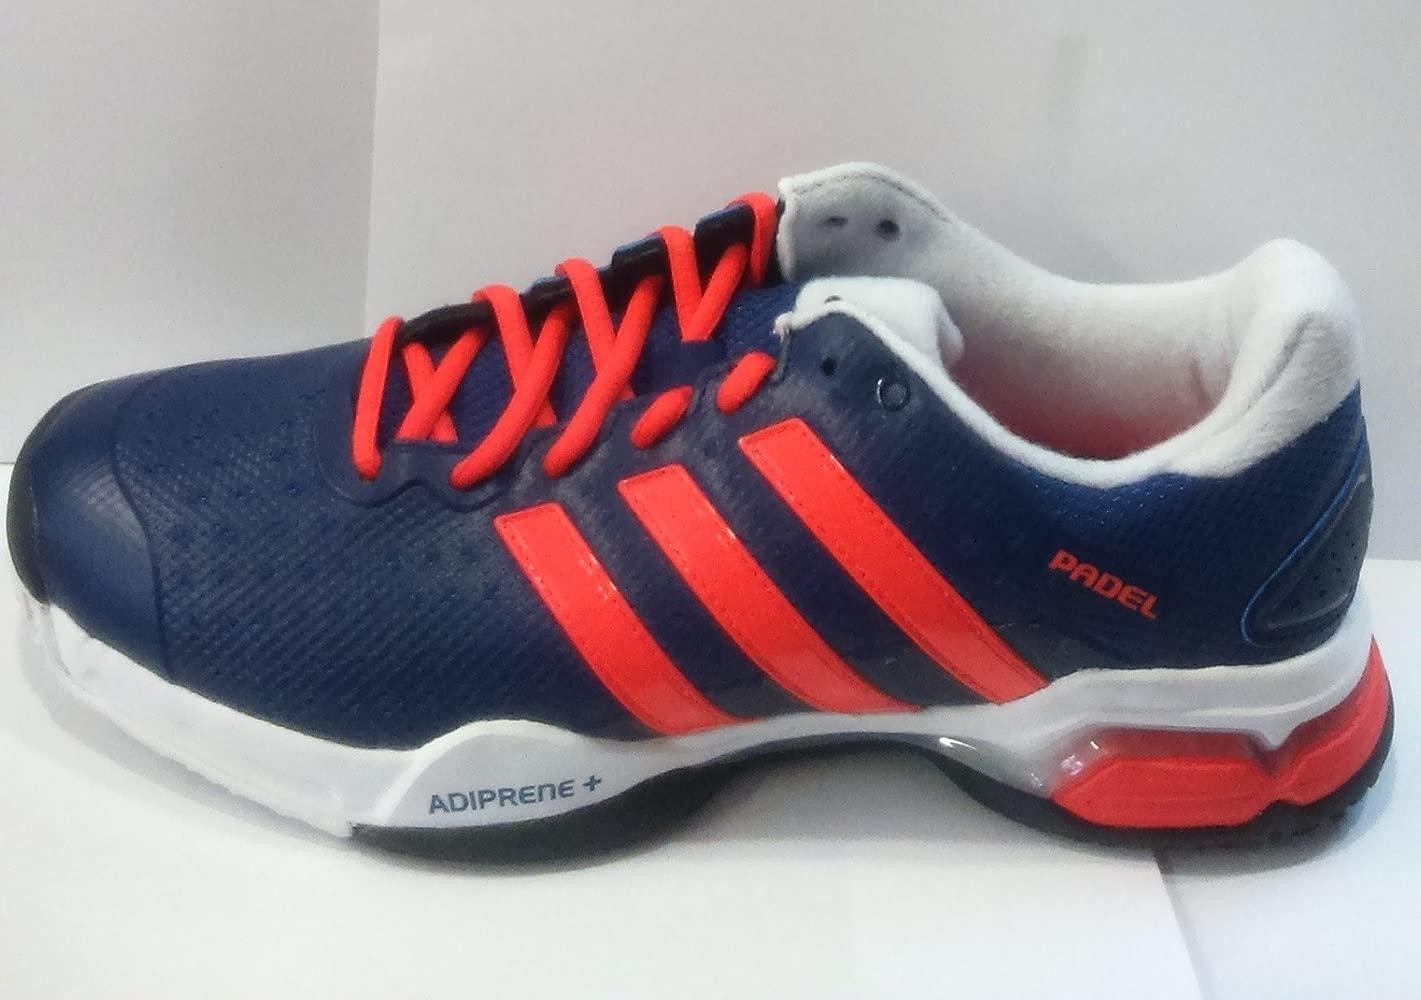 Zapatilla de pádel para Hombre Adidas Barricade - 45603